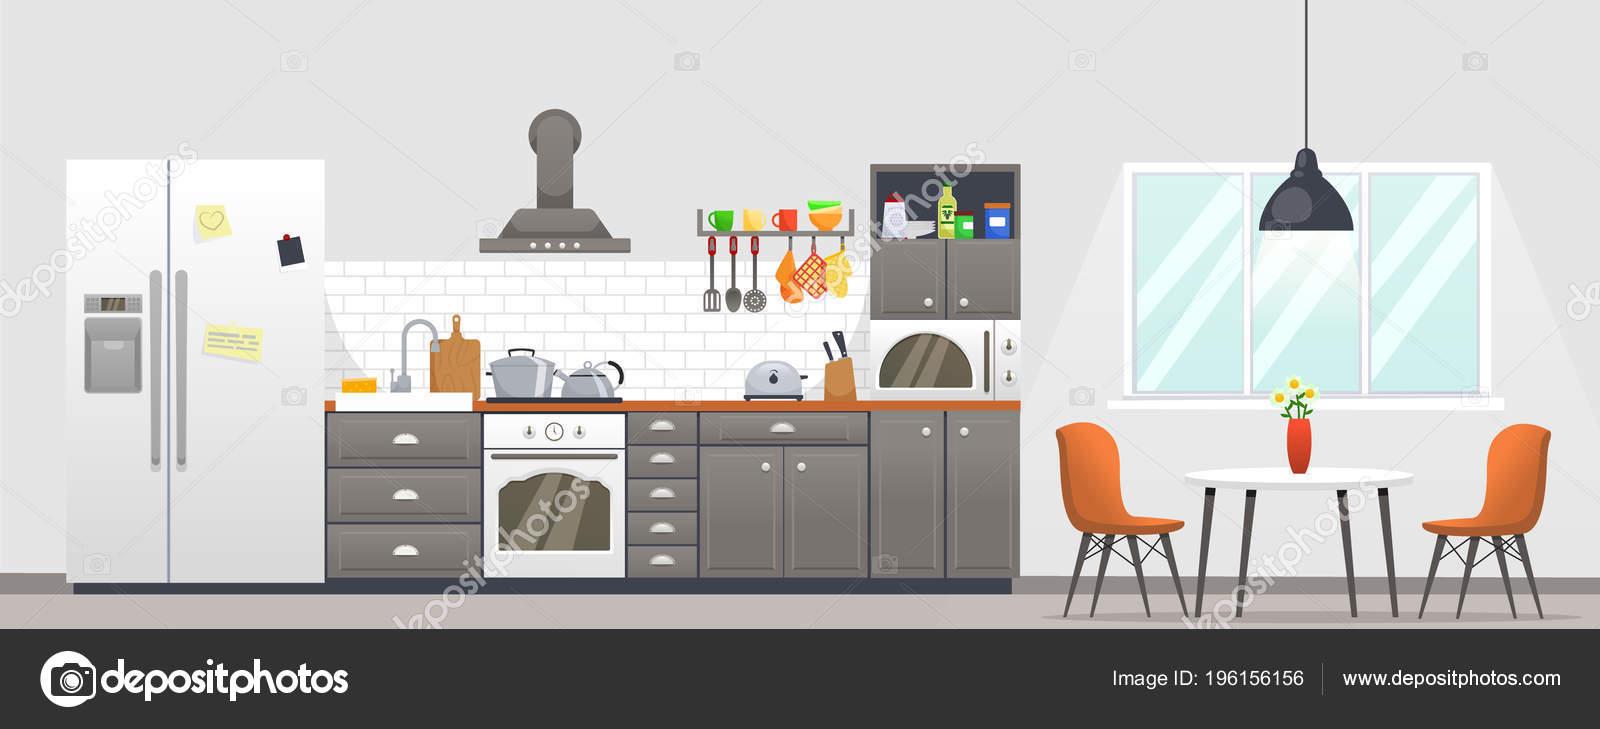 Interior de cocina con muebles ilustraci n vectorial de - Cocina dibujo ...